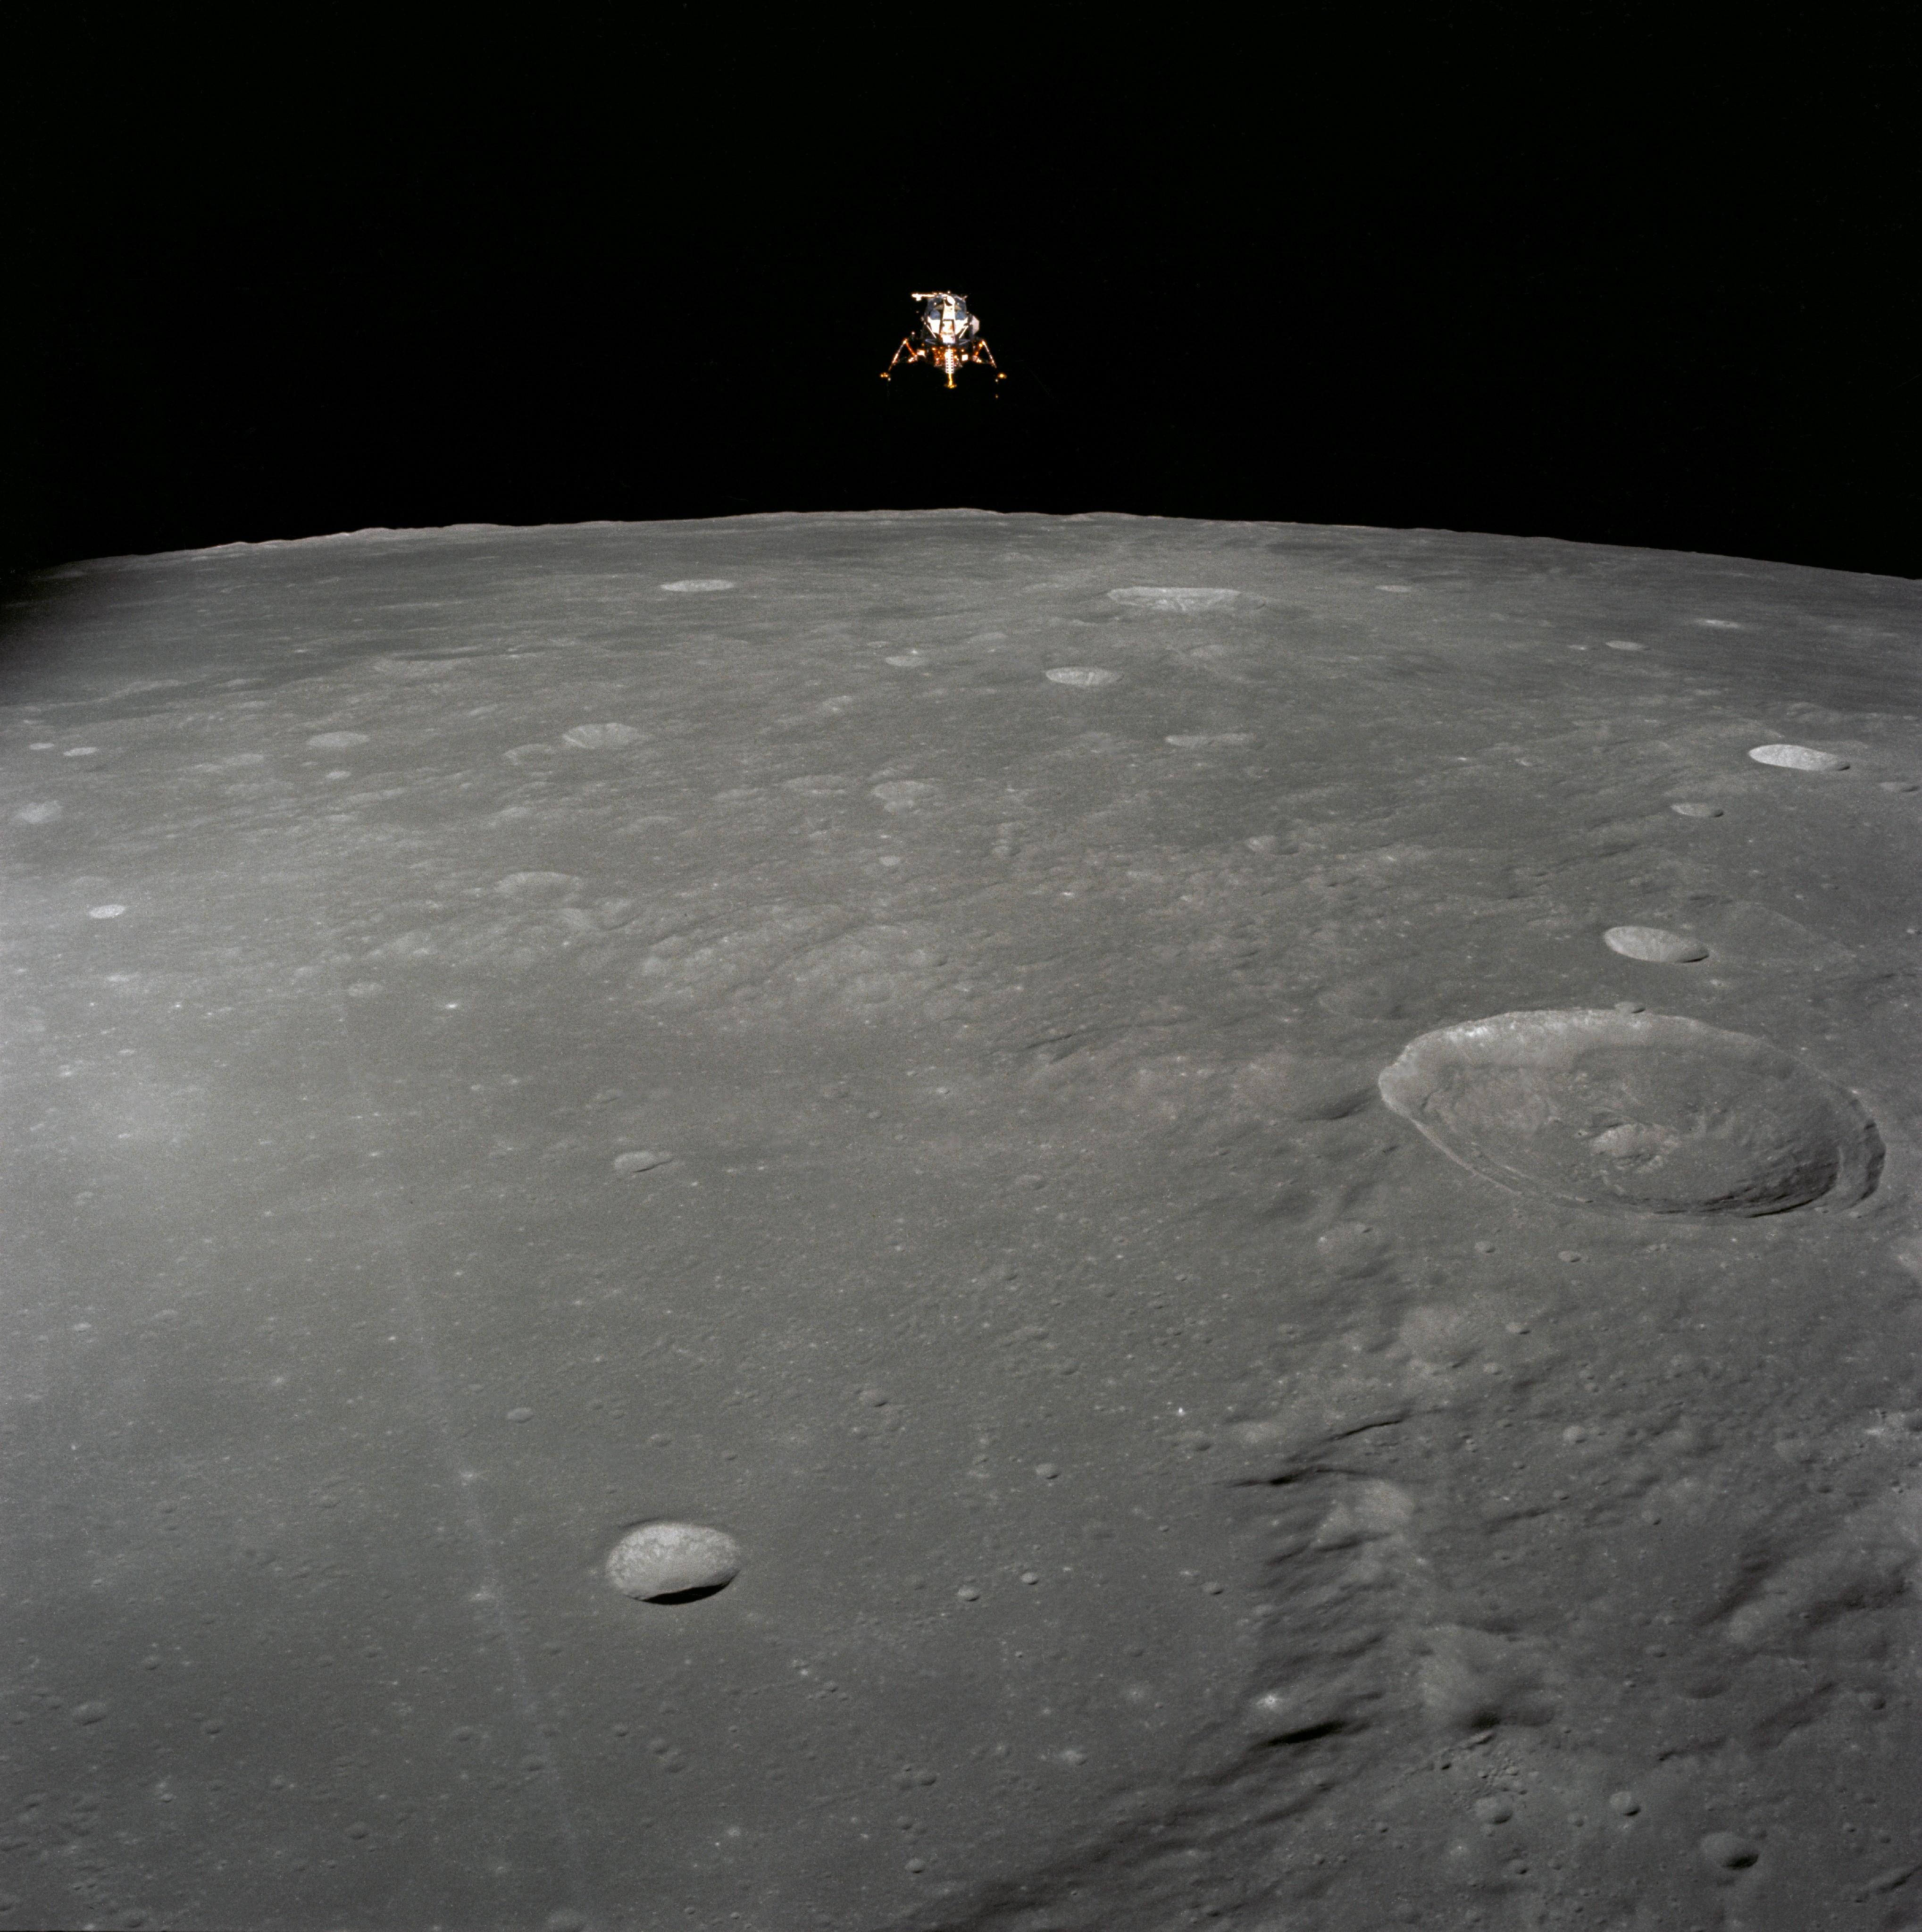 Lunar module AS12 51 7507